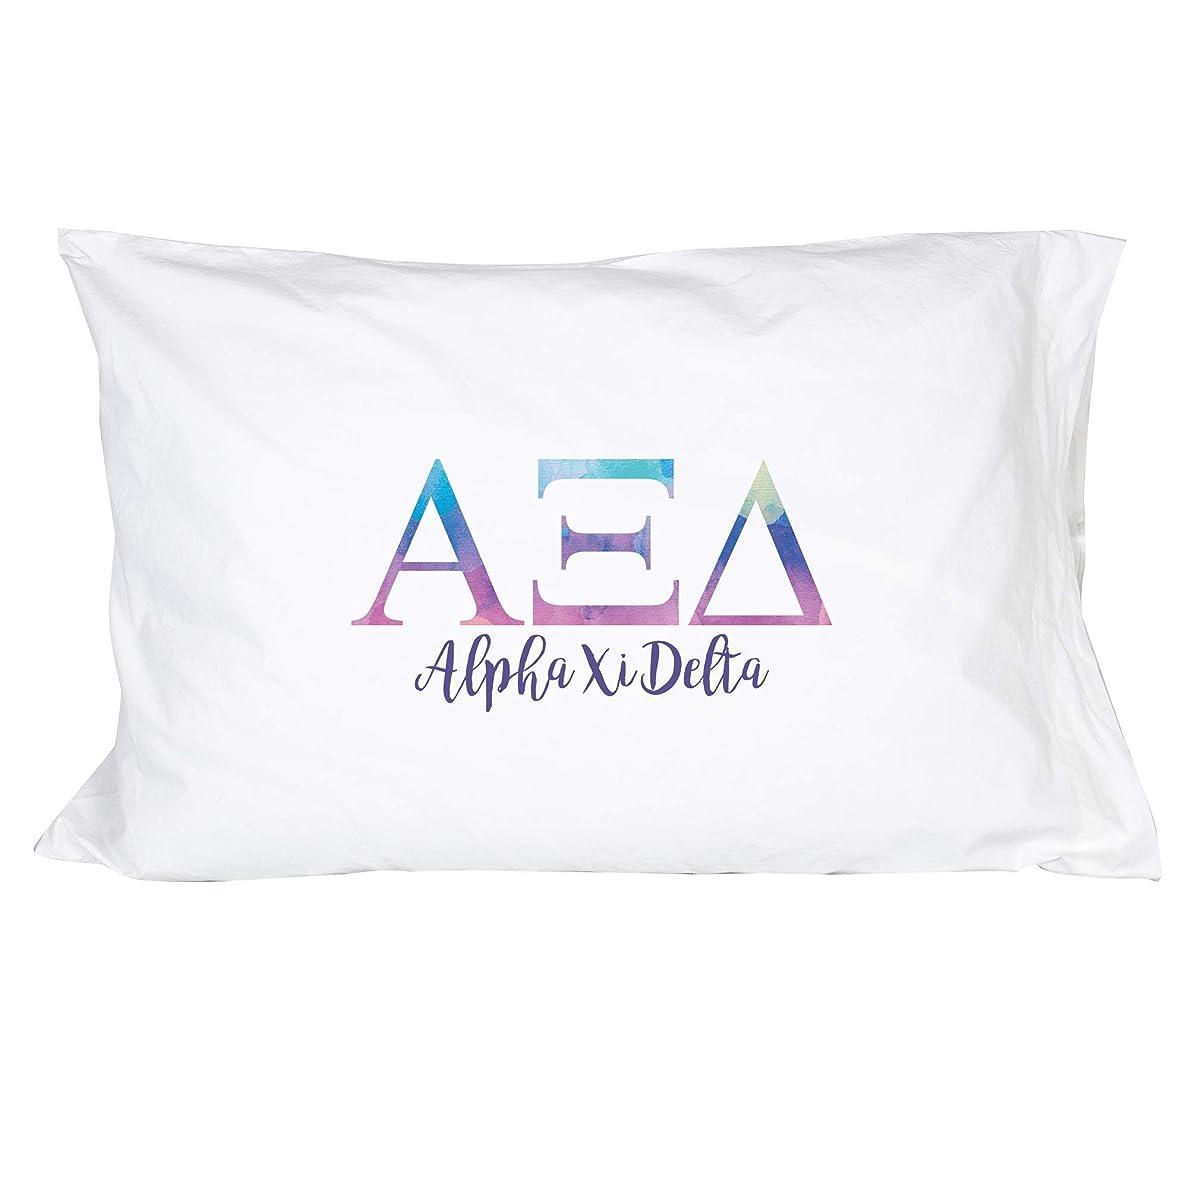 Desert Cactus Alpha Xi Delta Sorority Water Color Pillowcase 300 Thread Count 100% Cotton